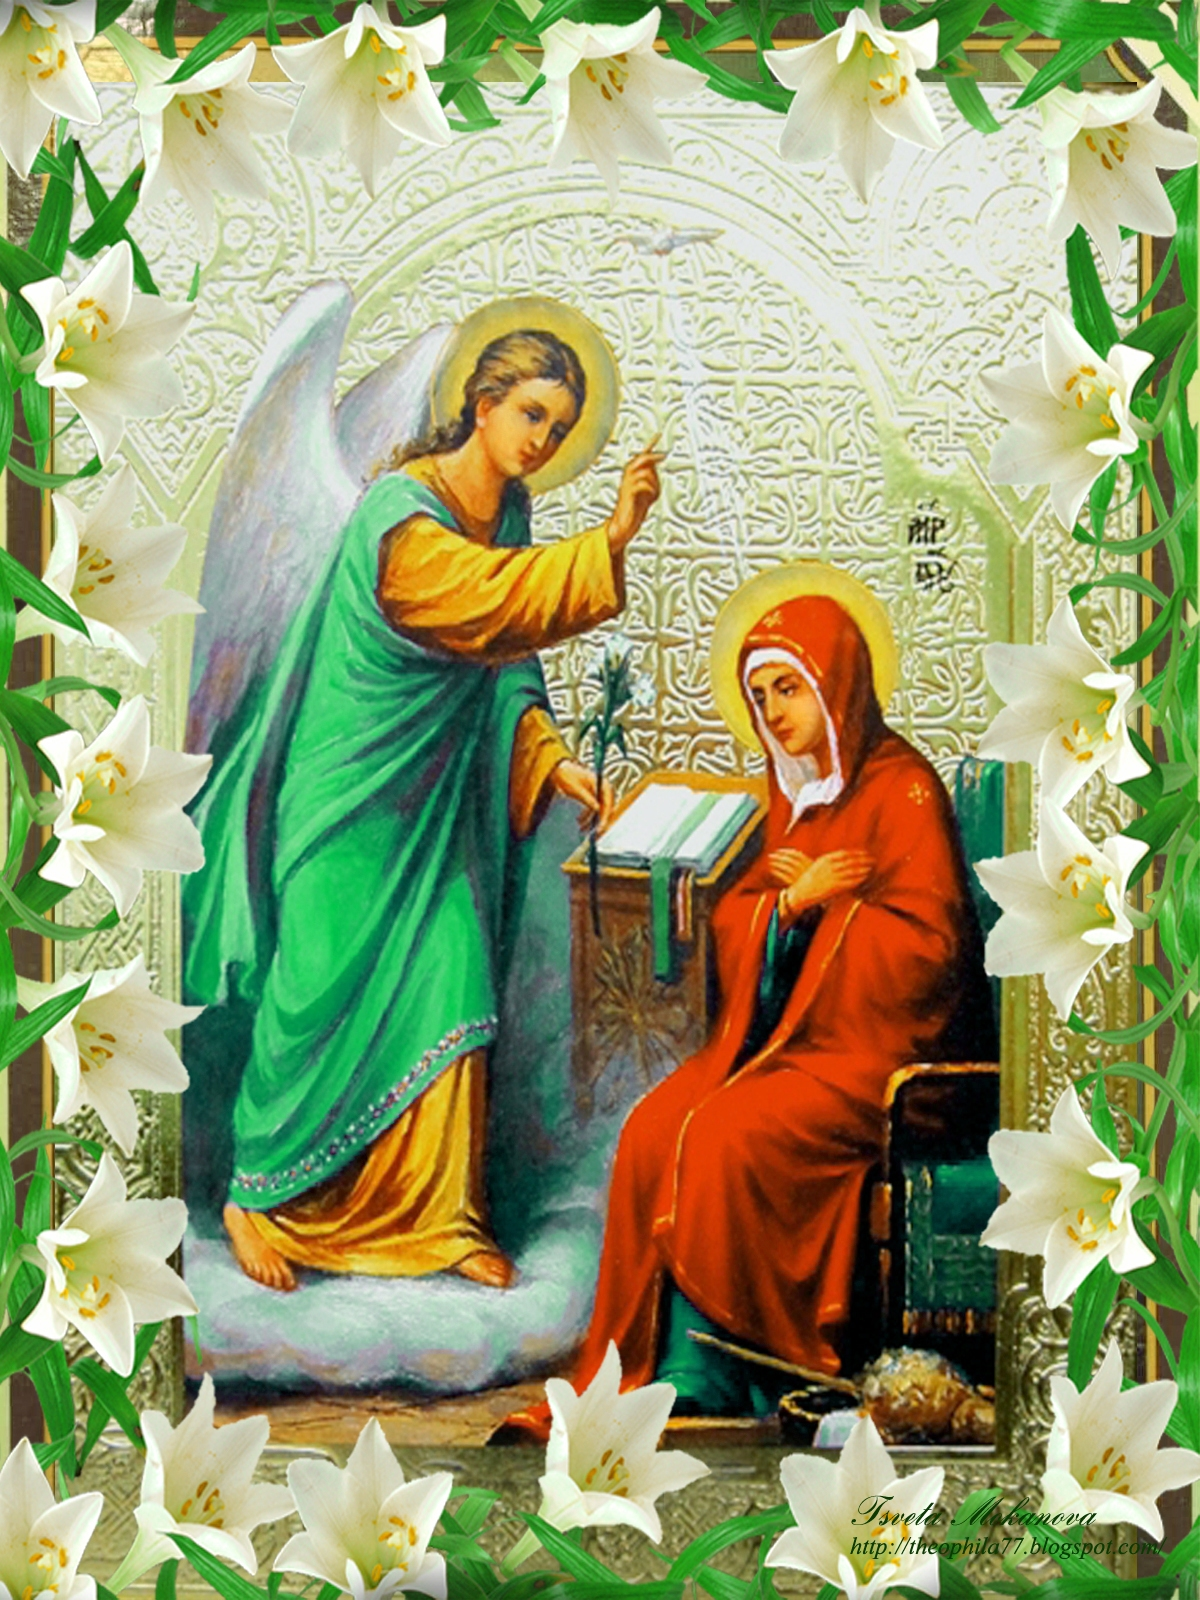 С благовещеньем пресвятой богородицы фото с поздравлением